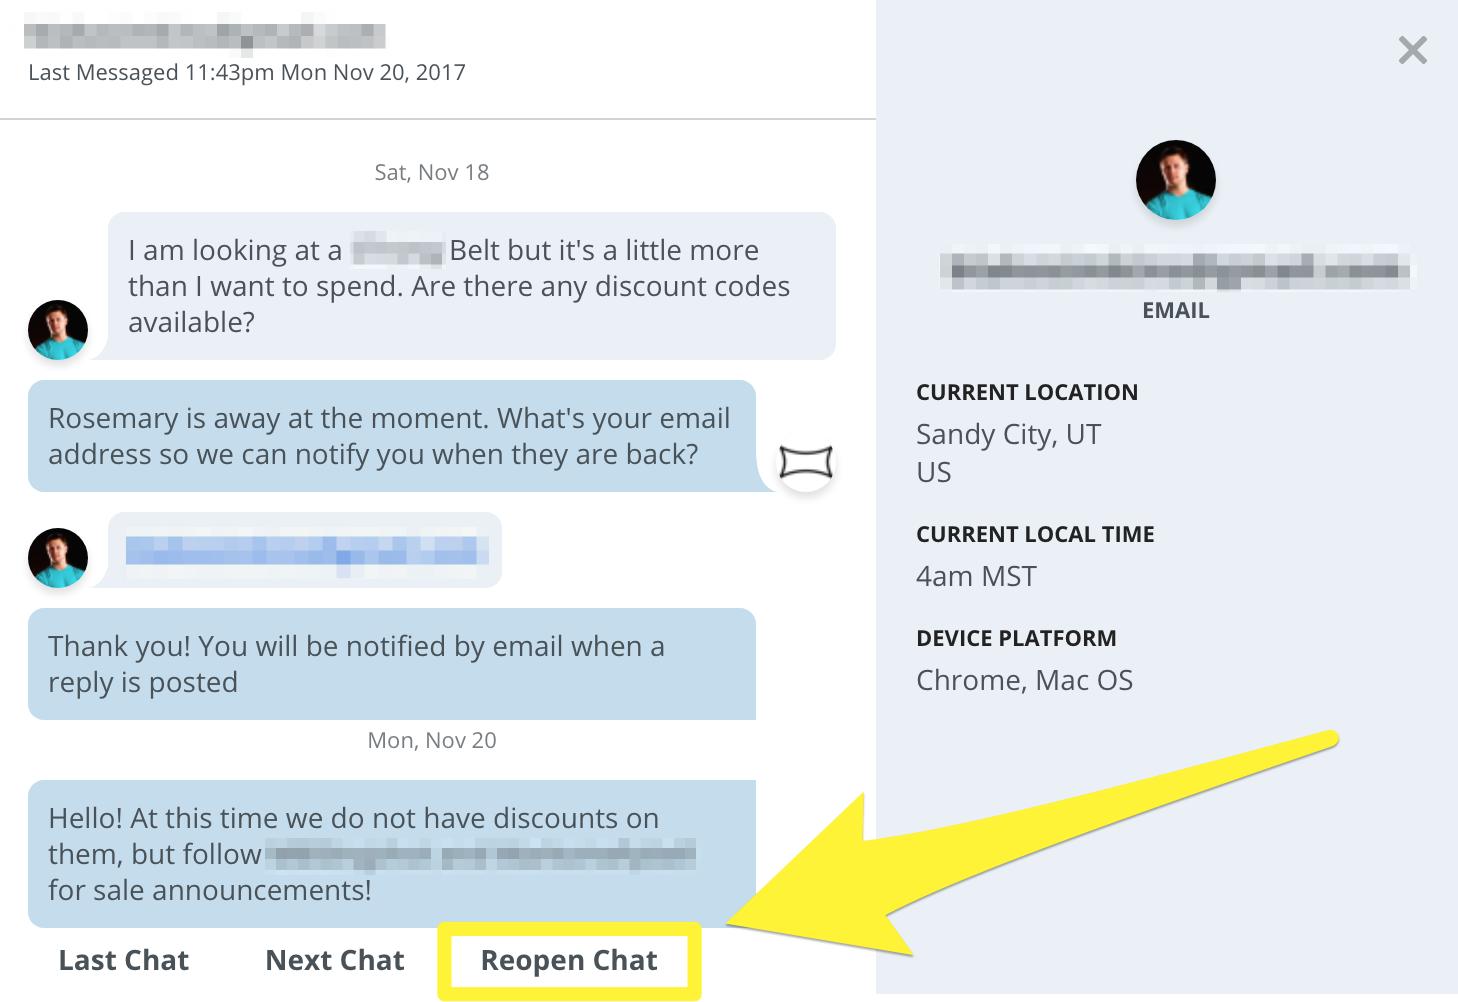 Screenshot showing a chatbot conversation